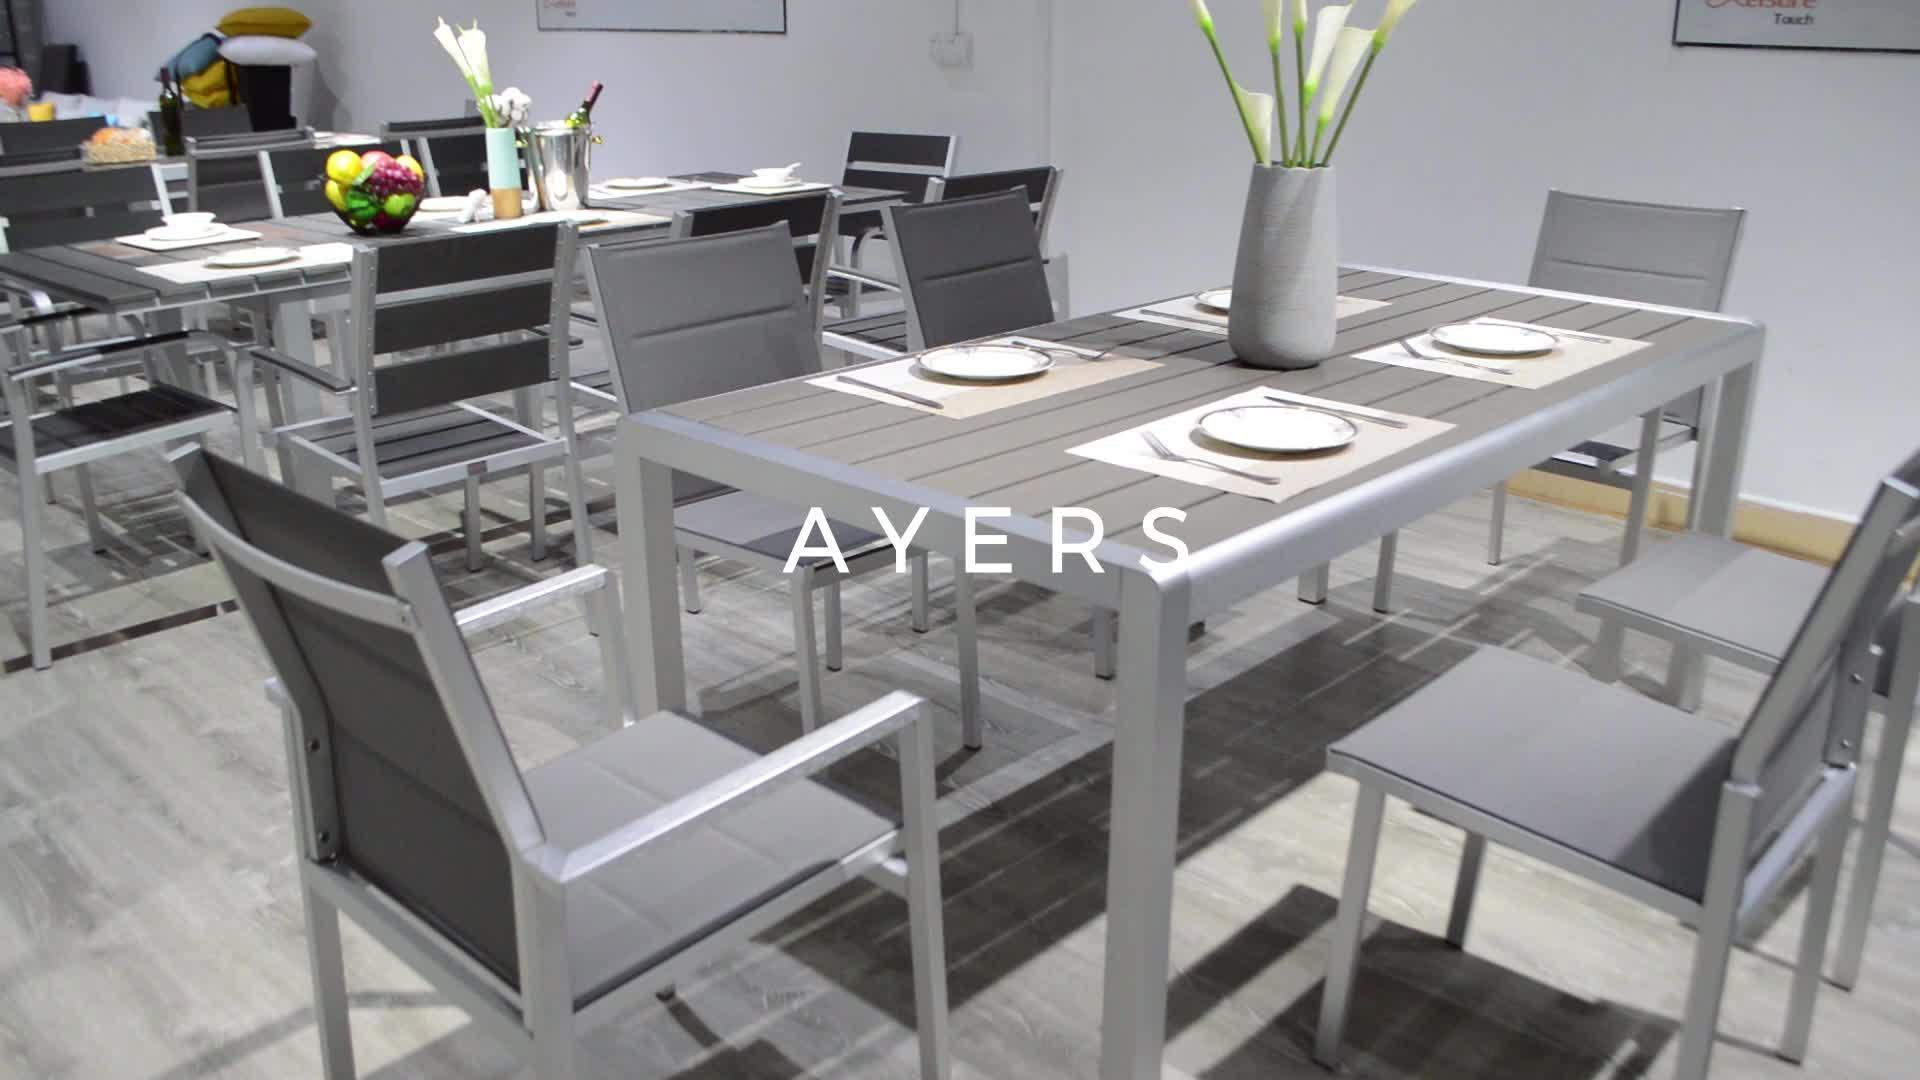 नई अवधारणाओं उद्यान आउटडोर फर्नीचर मेज कुर्सियों patio डाइनिंग सेट के लिए बिक्री